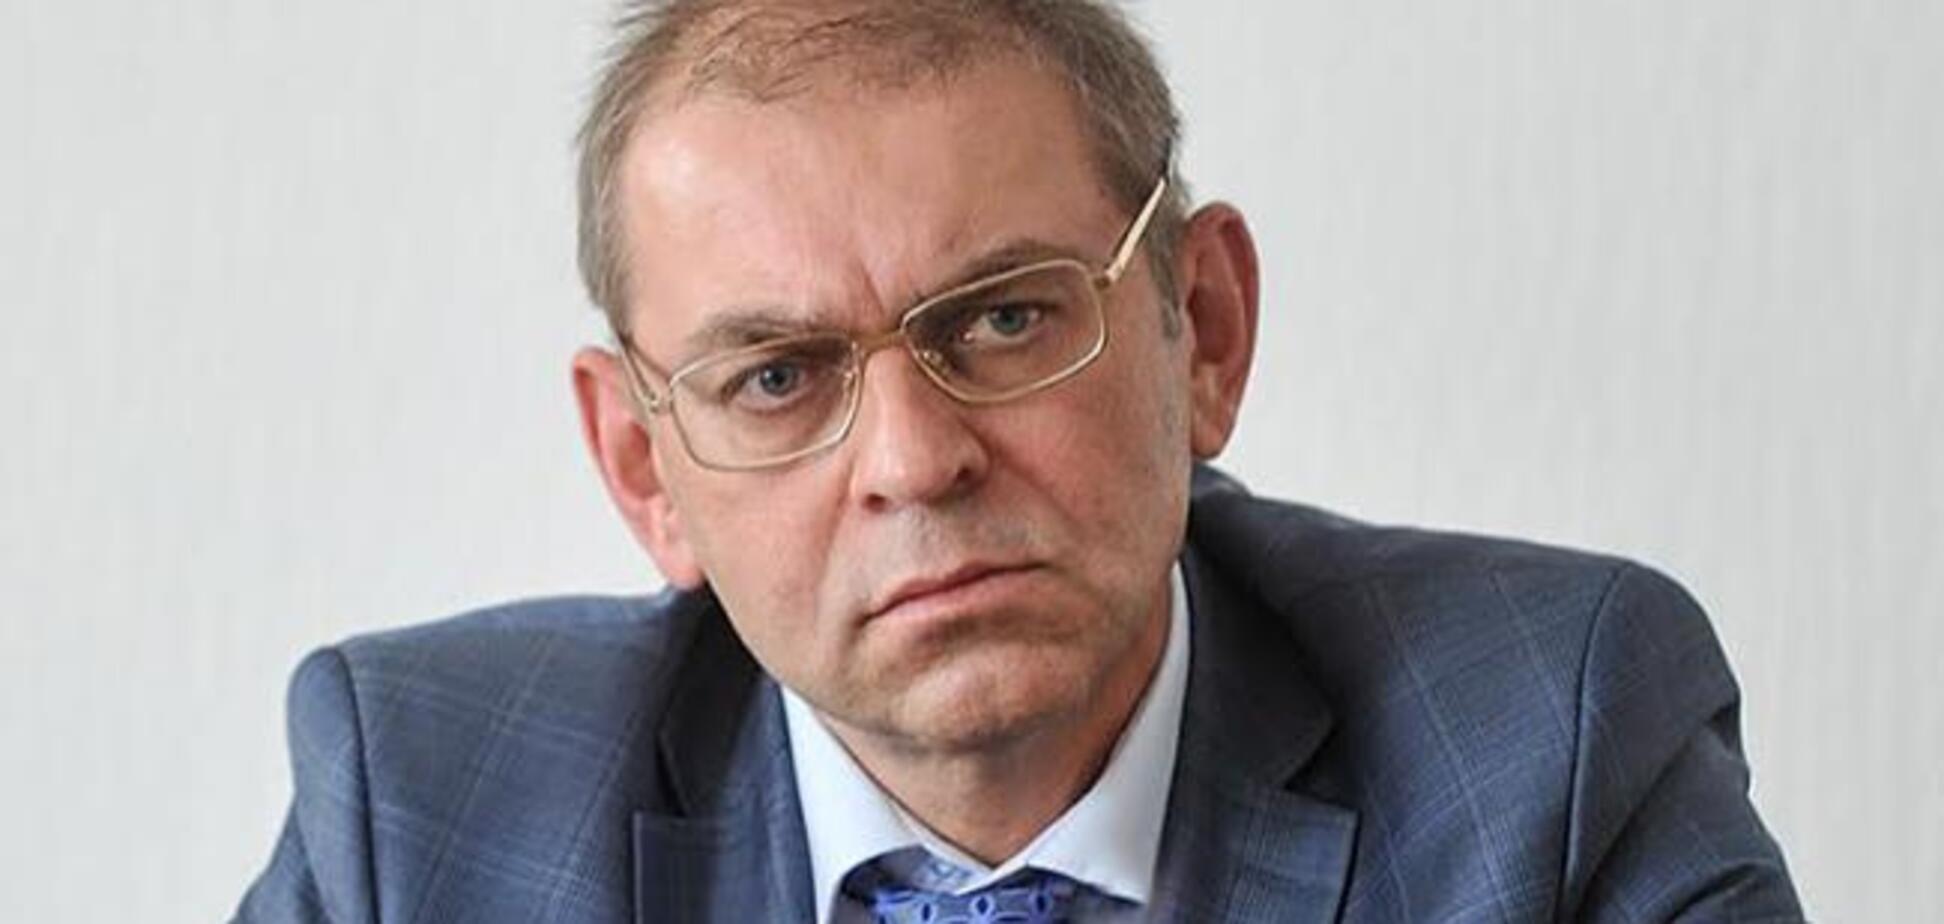 Спливло відео: у справі про стрілянину Пашинського намітився новий поворот